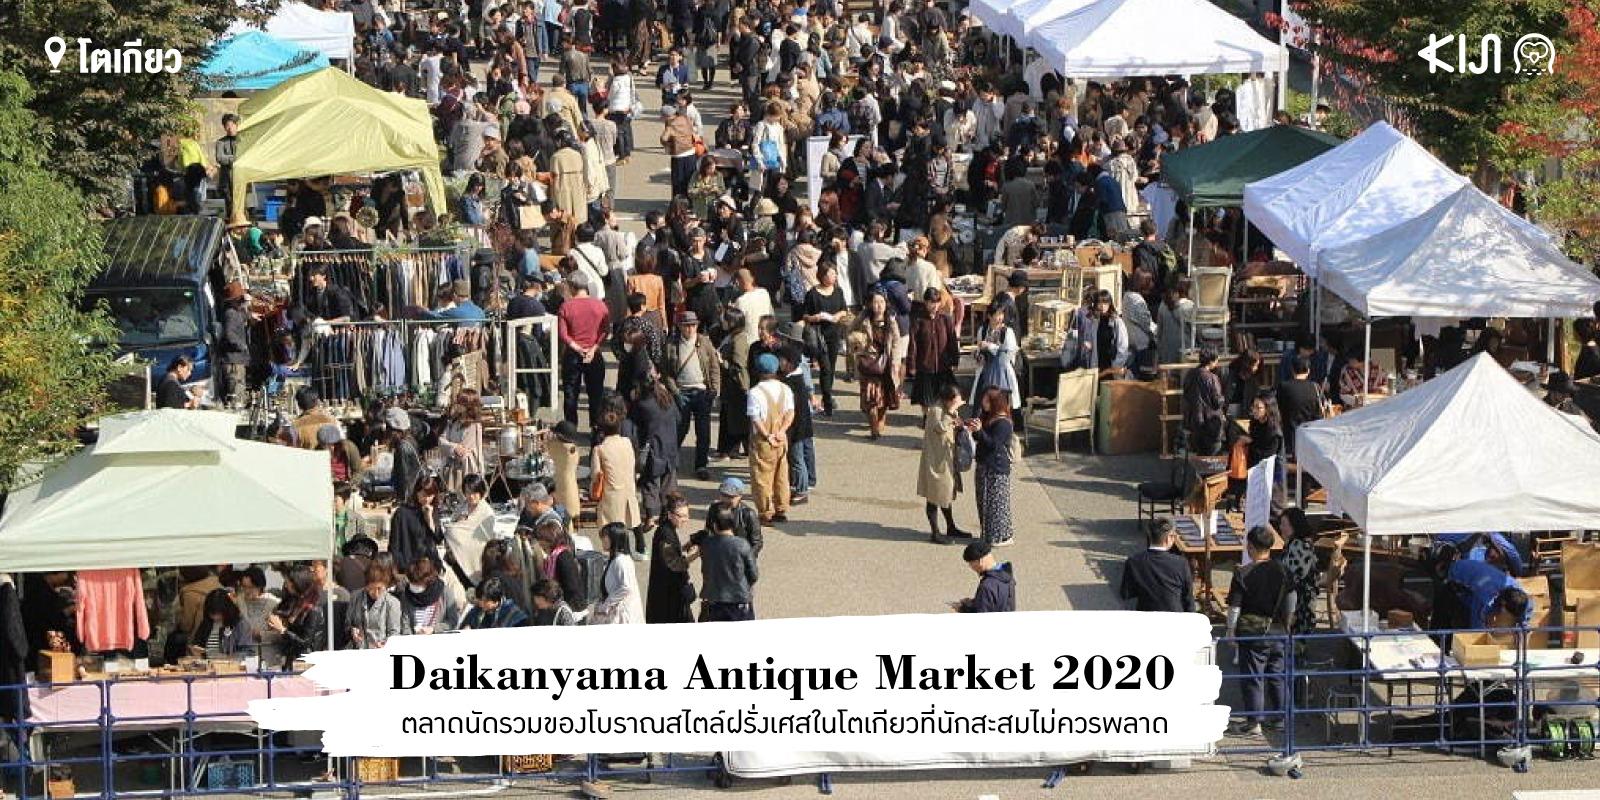 งานตลาดนัดสินค้าวินเทจ Daikanyama Antique Market ที่ย่านไดคังยามะ กรุงโตเกียว